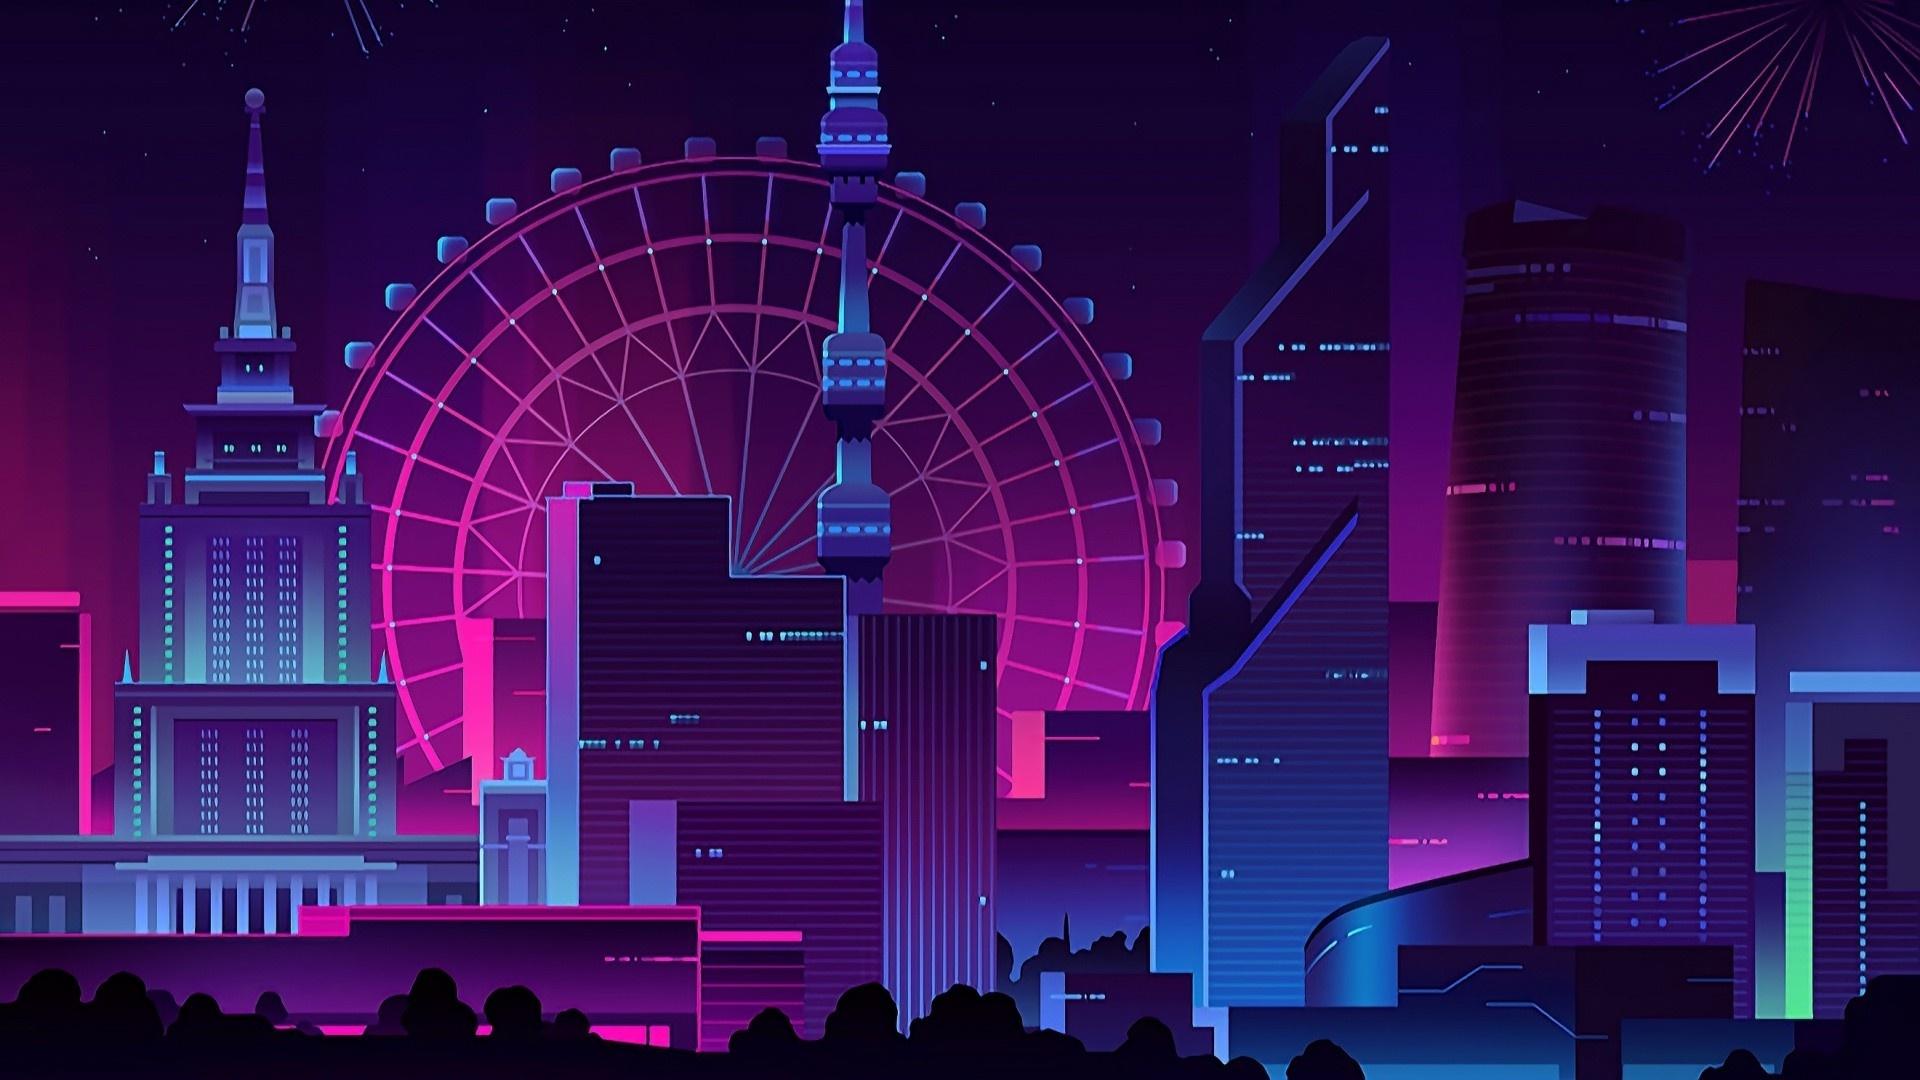 Neon 1080p wallpaper